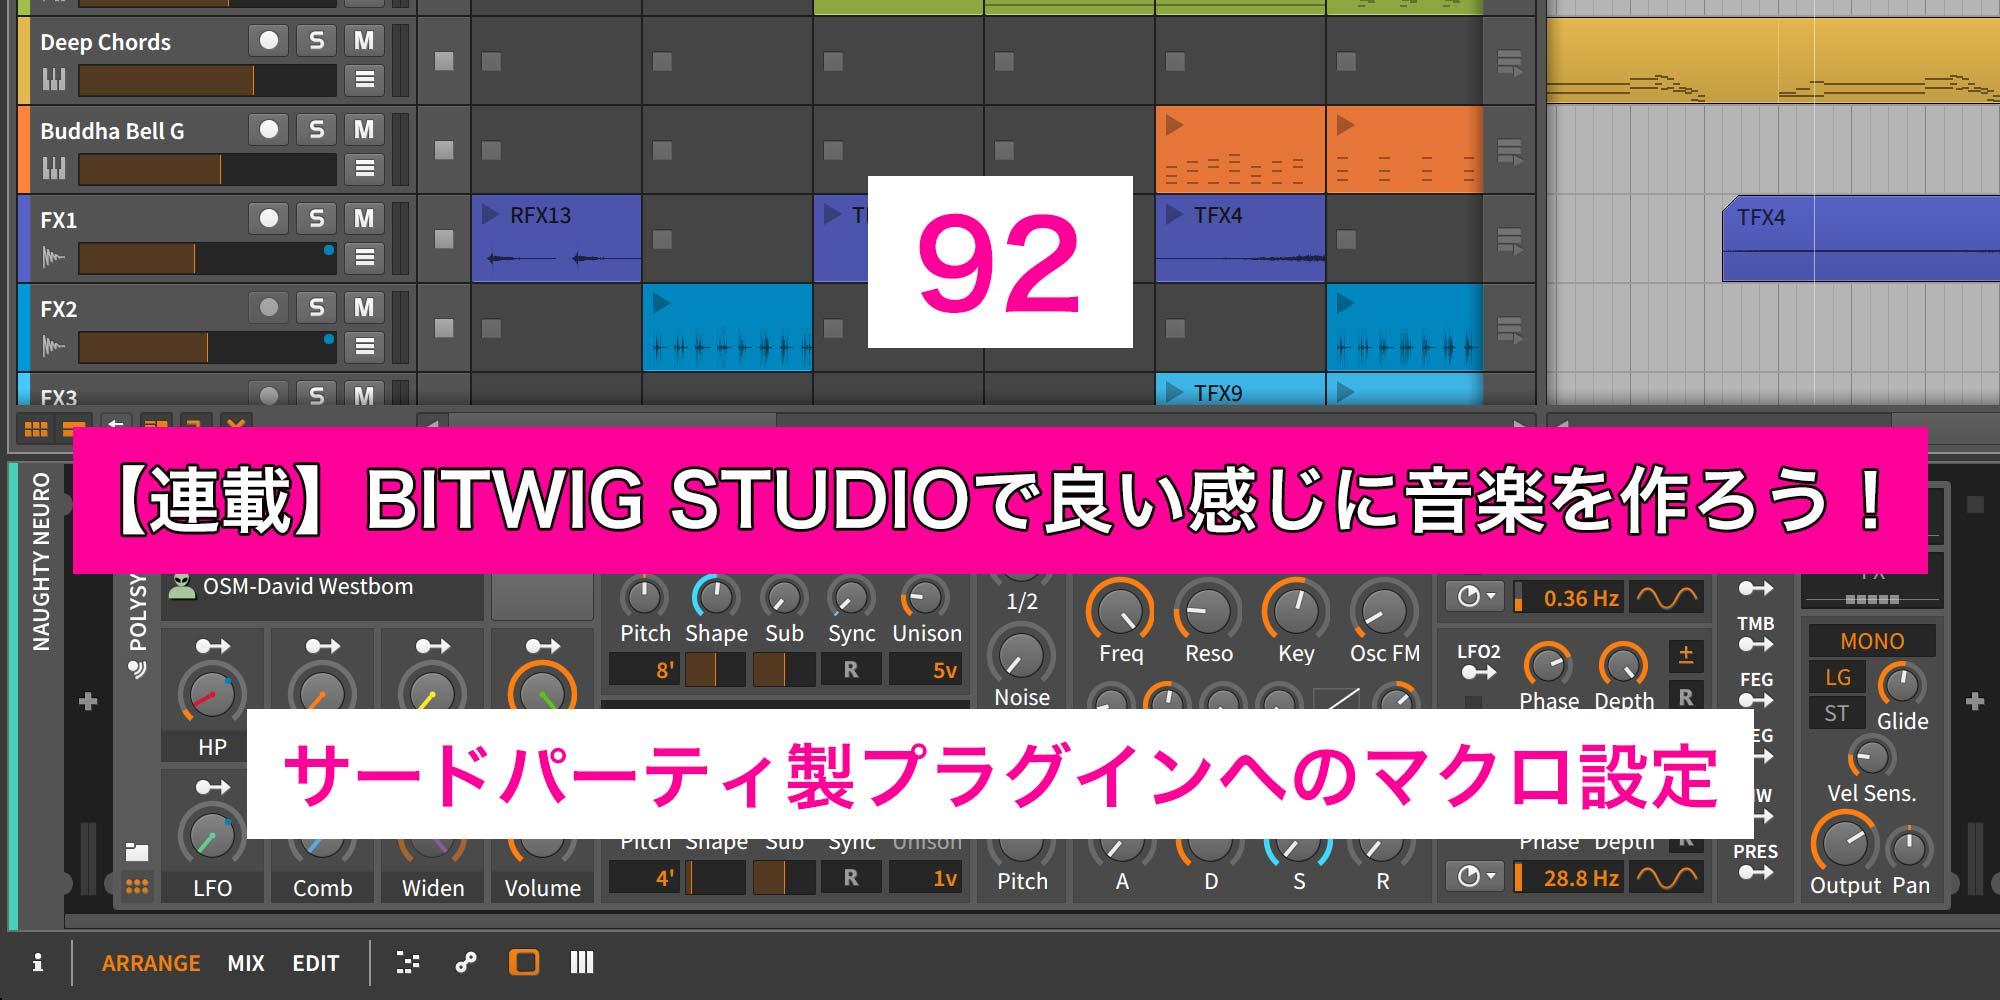 【連載】BITWIG STUDIOで良い感じに音楽を作ろう!【92】